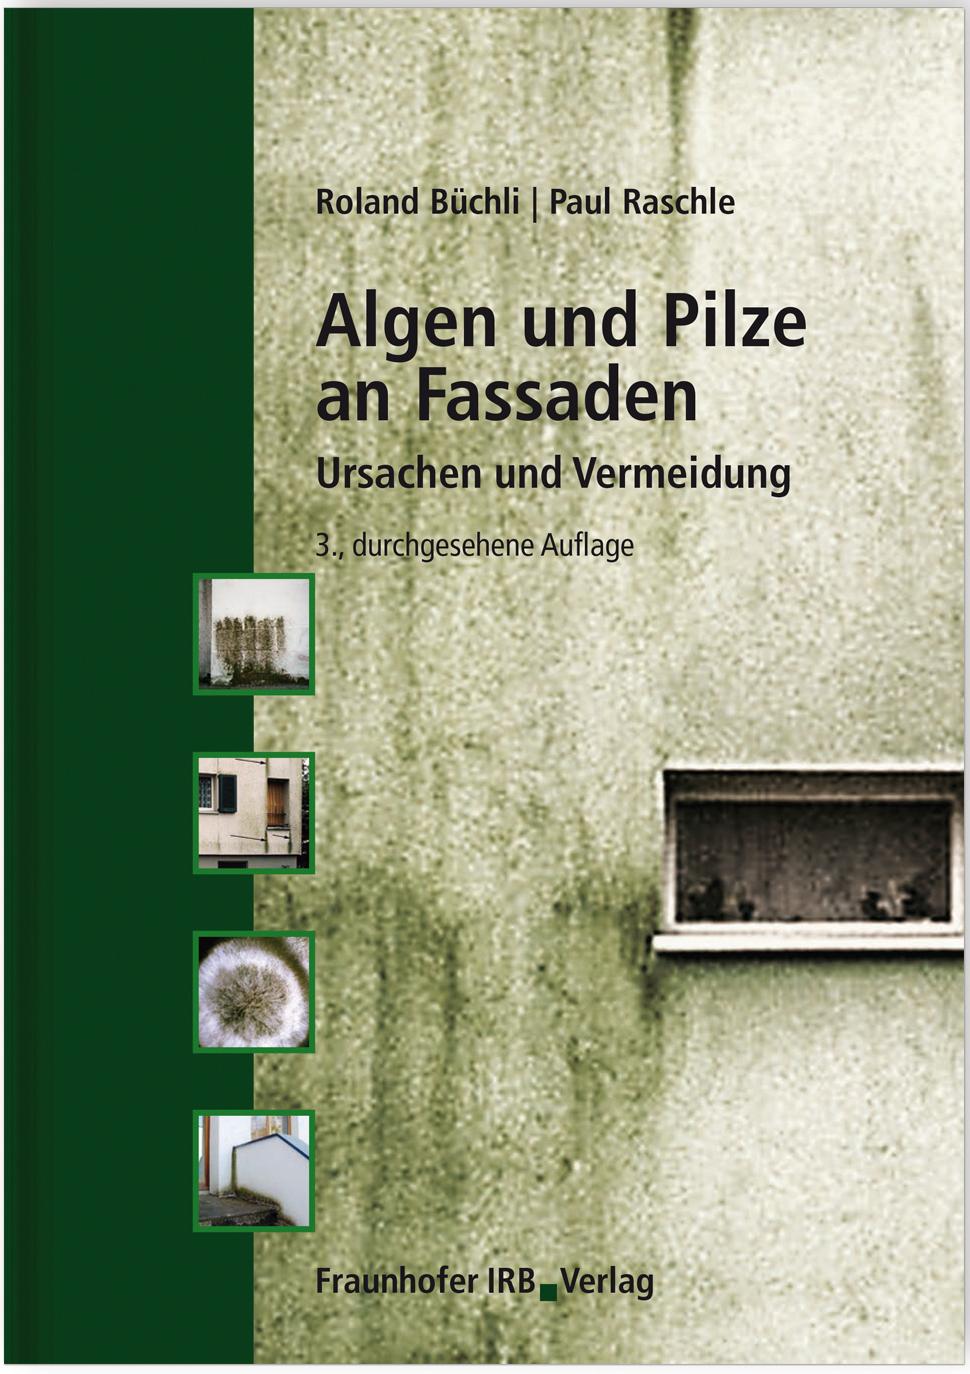 algen und pilze an fassaden medienservice architektur und bauwesen. Black Bedroom Furniture Sets. Home Design Ideas